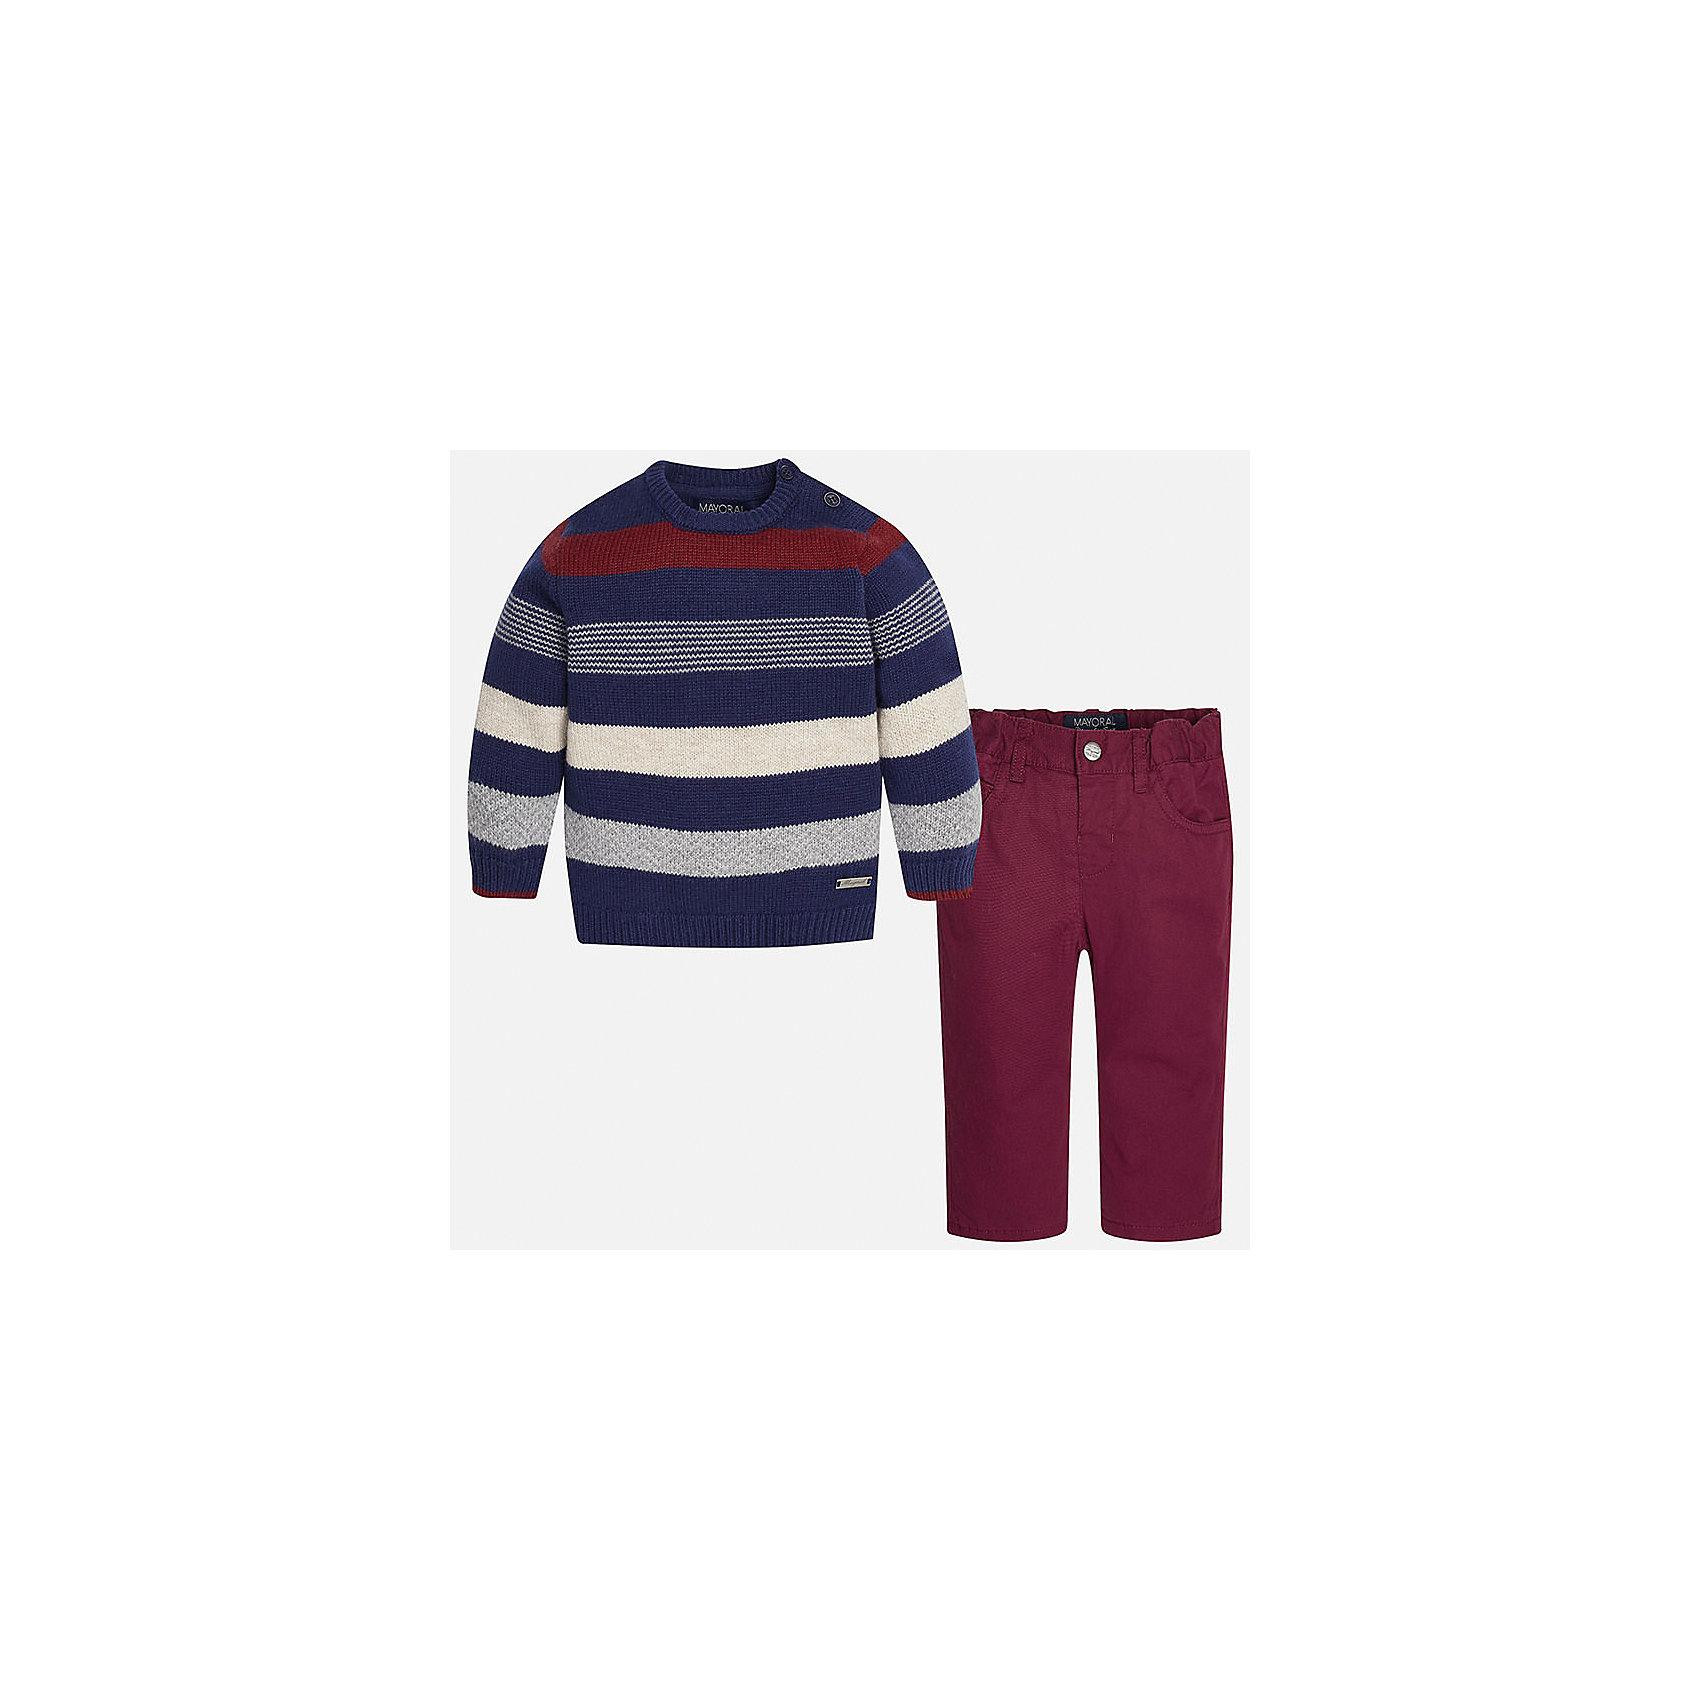 Комплект: джемпер и брюки для мальчика MayoralКомплекты<br>Комплект джемпер и брюки для мальчика от известной испанской марки Mayoral (Майорал) - прекрасный вариант для повседневной носки. Он состоит из джемпера с длинными рукавами и длинных брюк. Джемпер в полоску с округлым вырезом горловины, выполнен из мягкой, приятной на ощупь ткани с добавлением шерсти. Удобный крой не будет стеснять движений вашего ребенка, а благодаря застежкам-пуговицам, расположенным на плече, переодевание будет быстрым и легким. Брюки прямого кроя, застегиваются на кнопку. Пояс на резинке. Комплект выполнен из высококачественных материалов, прекрасно смотрится на фигуре, не линяет и не выцветает.<br><br>Дополнительная информация:<br><br>- Комплектация: брюки, джемпер<br>- Цвет: темно-синий, бургунди<br>- Состав: джемпер - 60% хлопок, 30% полиамид, 10% шерсть; брюки – 65% полиэстер, 35% хлопок, подкладка – 100% хлопок<br>- Уход за вещами: бережная стирка при 30 градусах<br><br>Комплект: майка и брюки для мальчика Mayoral (Майорал) можно купить в нашем интернет-магазине.<br><br>Ширина мм: 199<br>Глубина мм: 10<br>Высота мм: 161<br>Вес г: 151<br>Цвет: бордовый<br>Возраст от месяцев: 12<br>Возраст до месяцев: 15<br>Пол: Мужской<br>Возраст: Детский<br>Размер: 80,92,86<br>SKU: 4820768